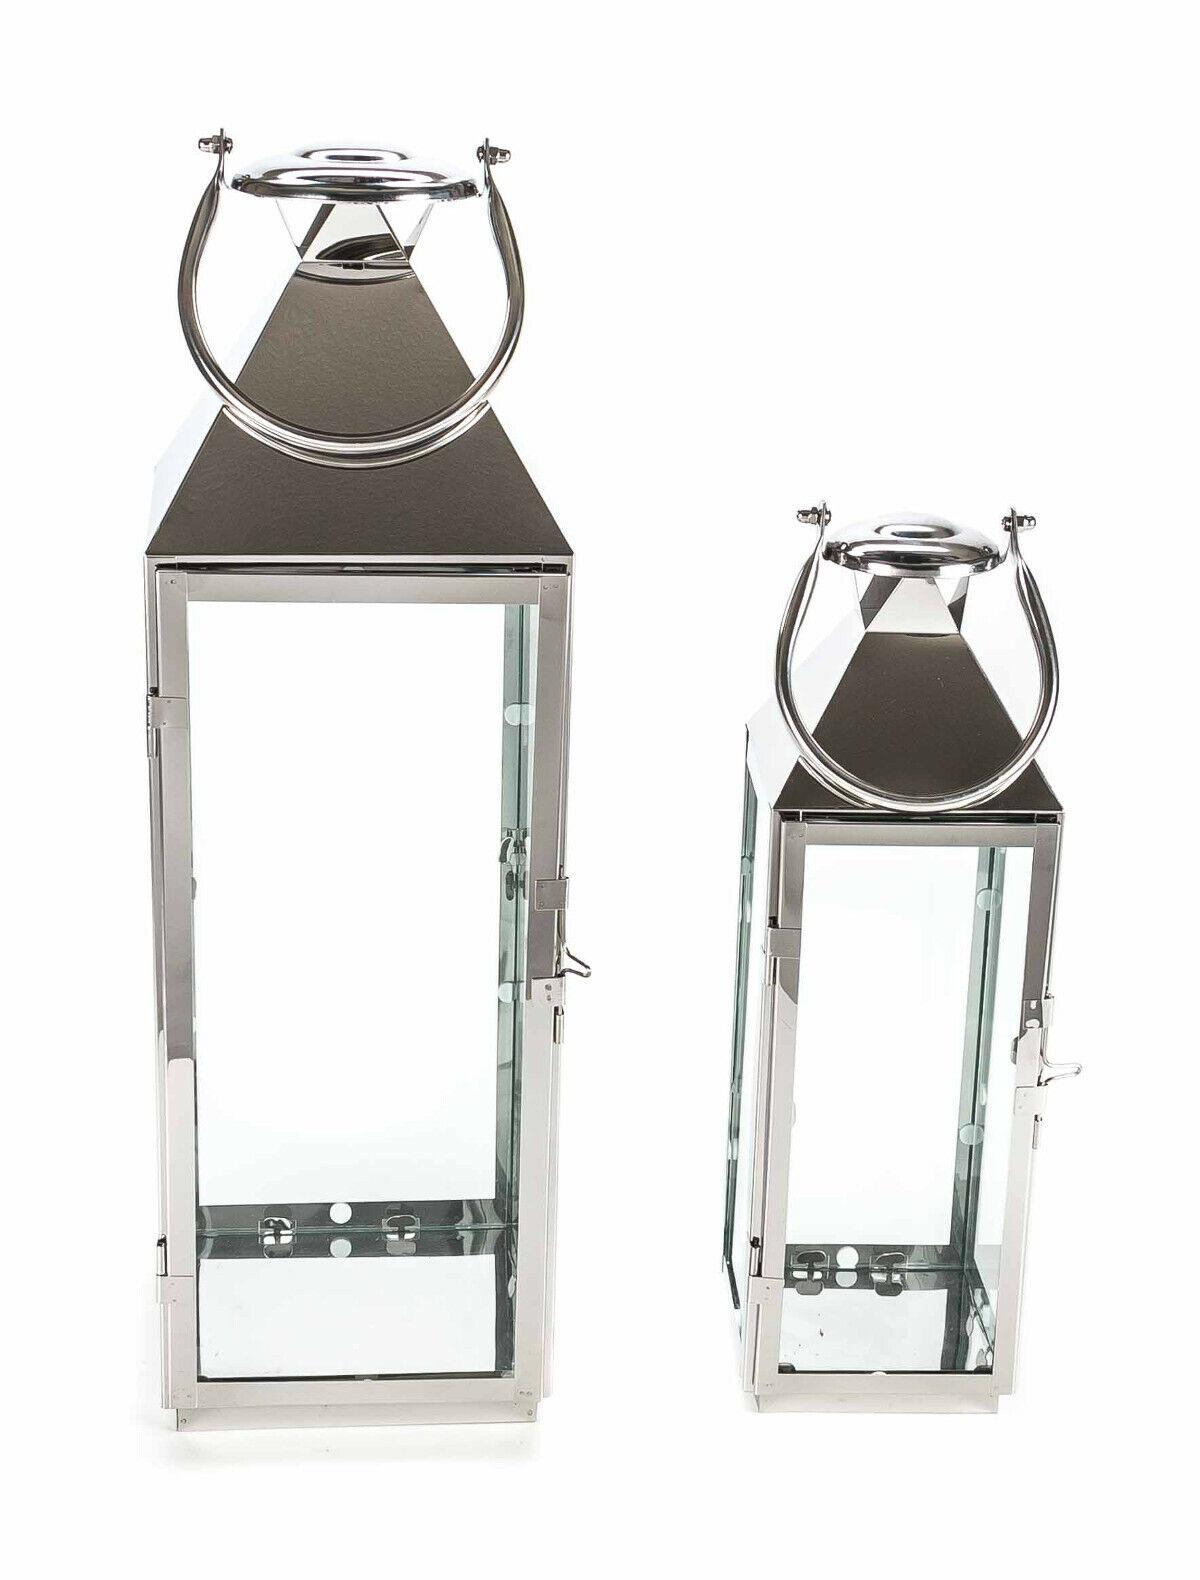 Edelstahllaterne Metalllaterne Windlicht Edelstahl Gartenlaterne Kerzenhalter